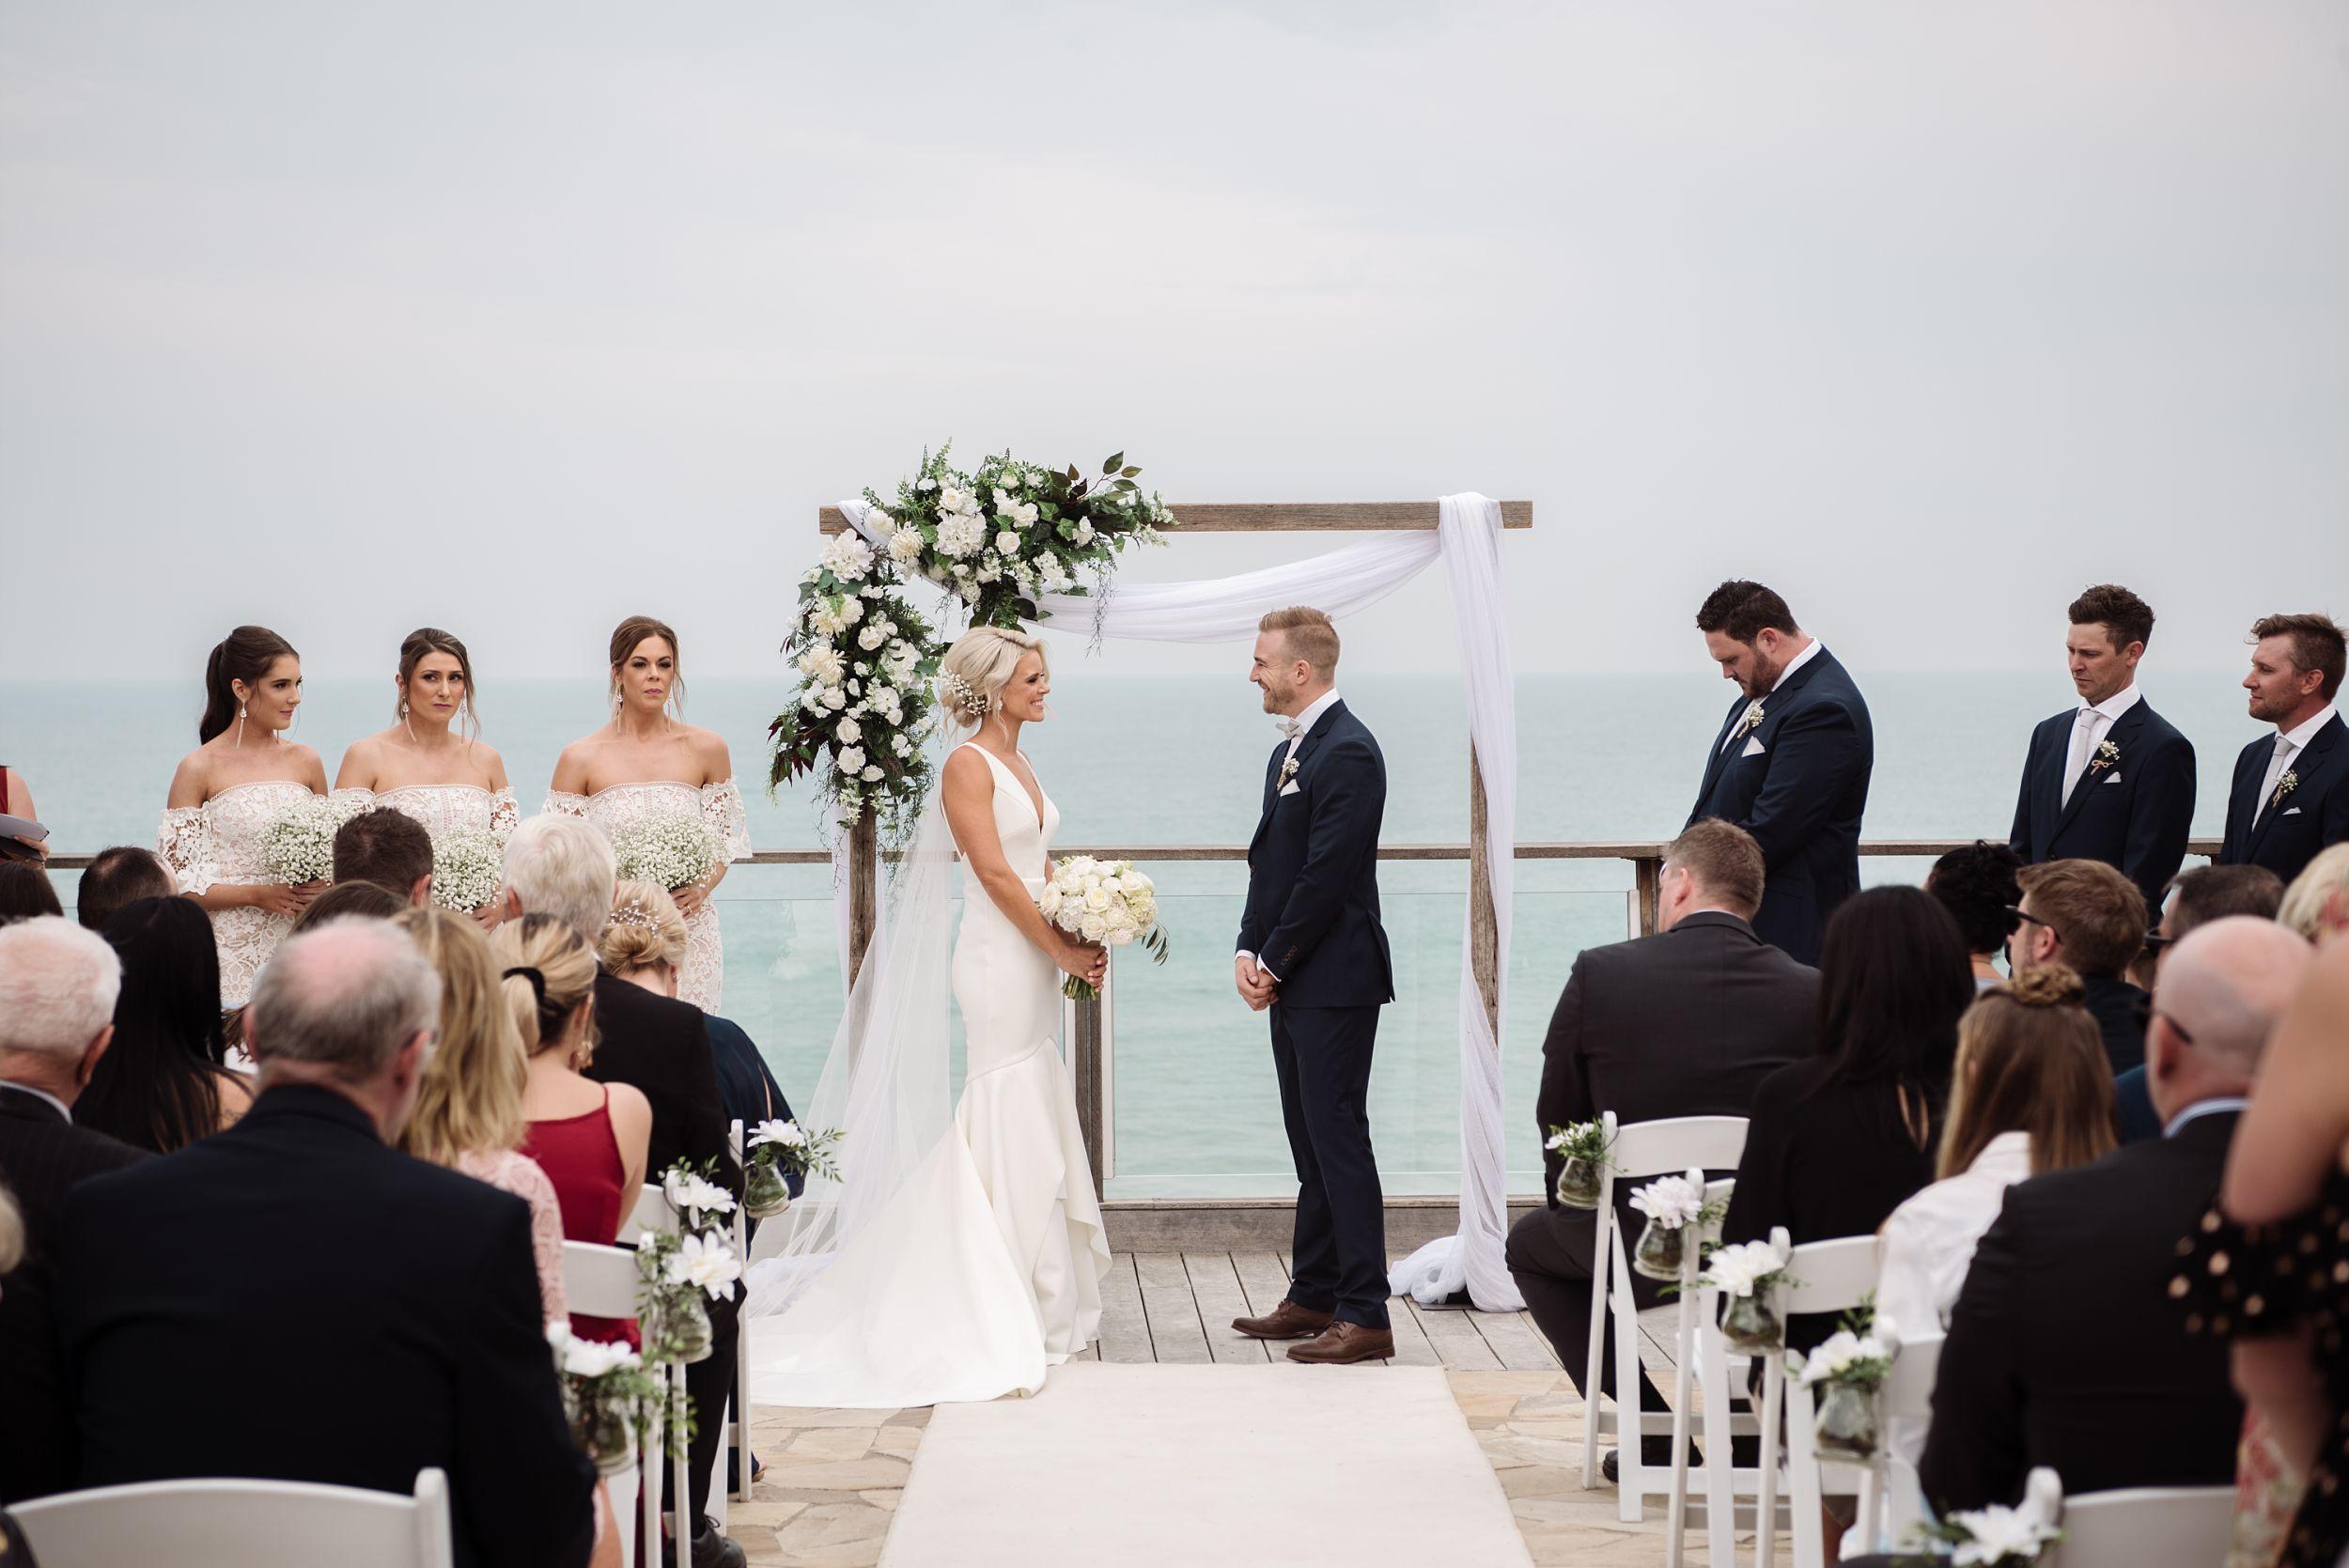 Fairhaven_wedding-Great-ocean-rd_0038.jpg